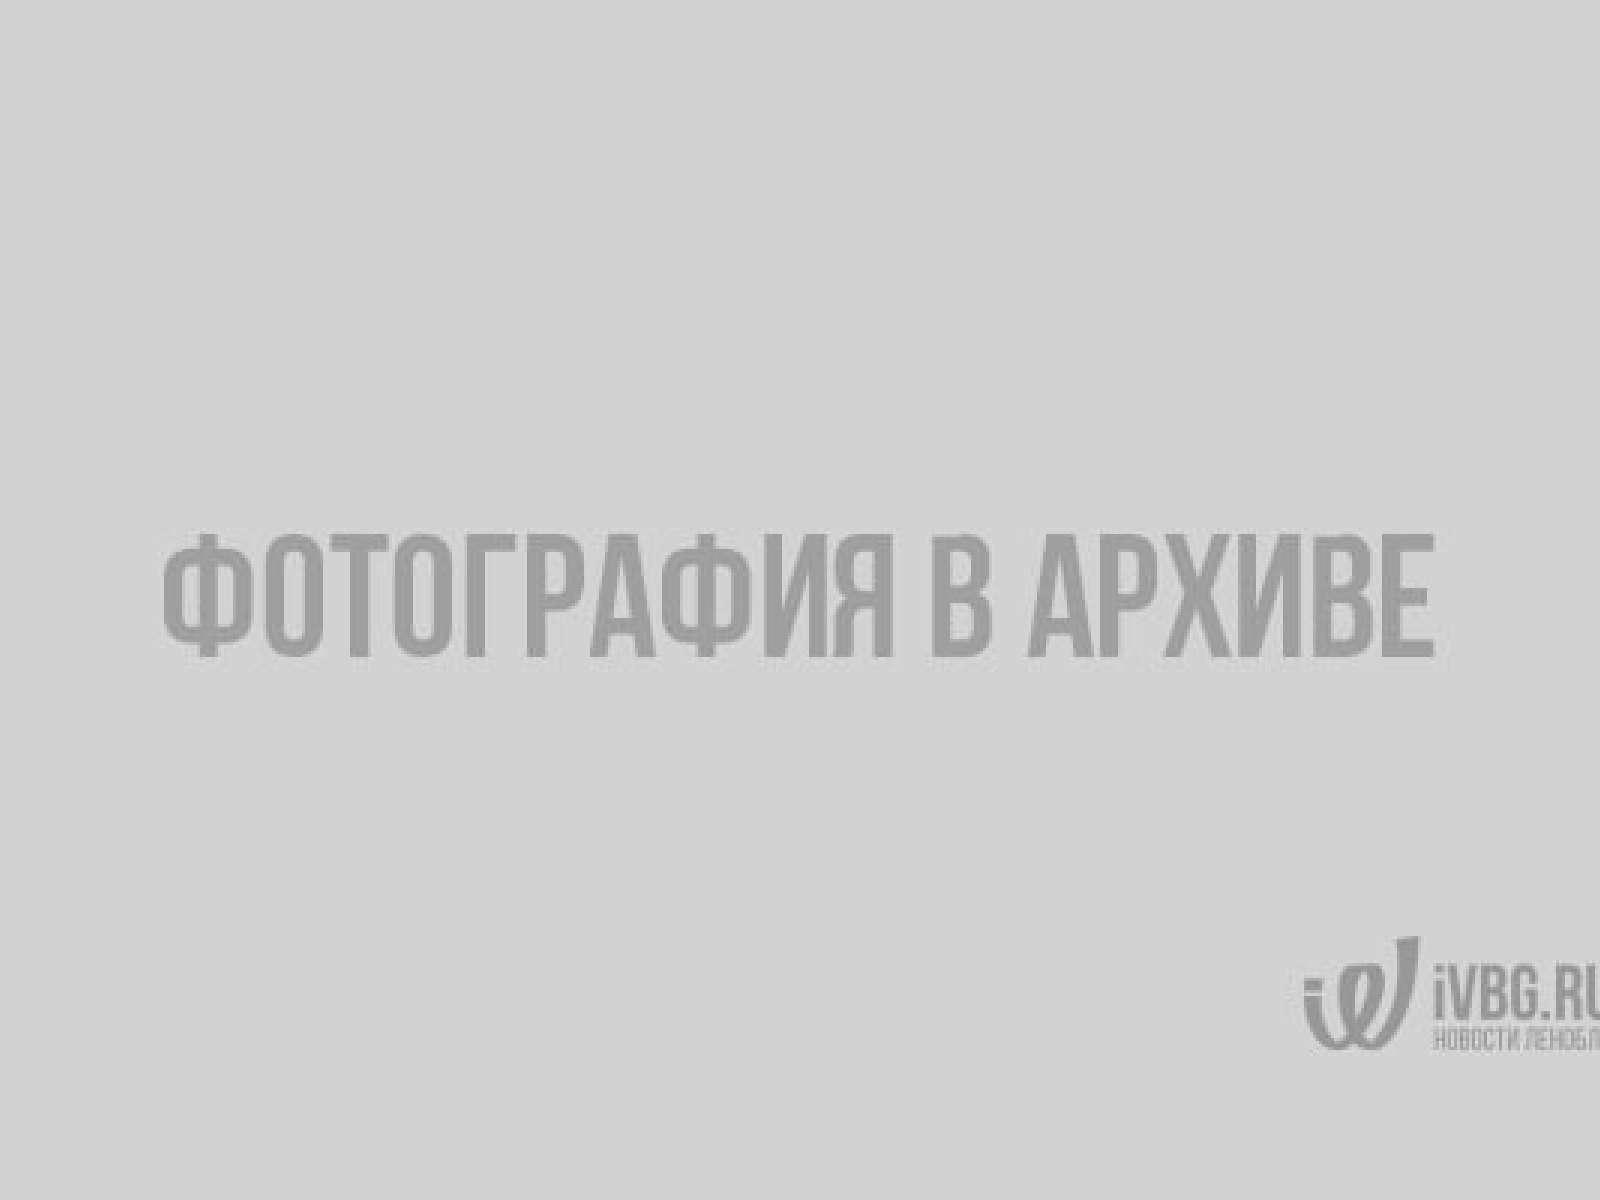 Каршеринг сбил мужчину на улице Руставели - фото Санкт-Петербург, Россияне, Россия, пешеходы, Каршеринг, ДТП в Санкт-Петербурге, ДТП в России, ДТП, водители, автомобили, авария